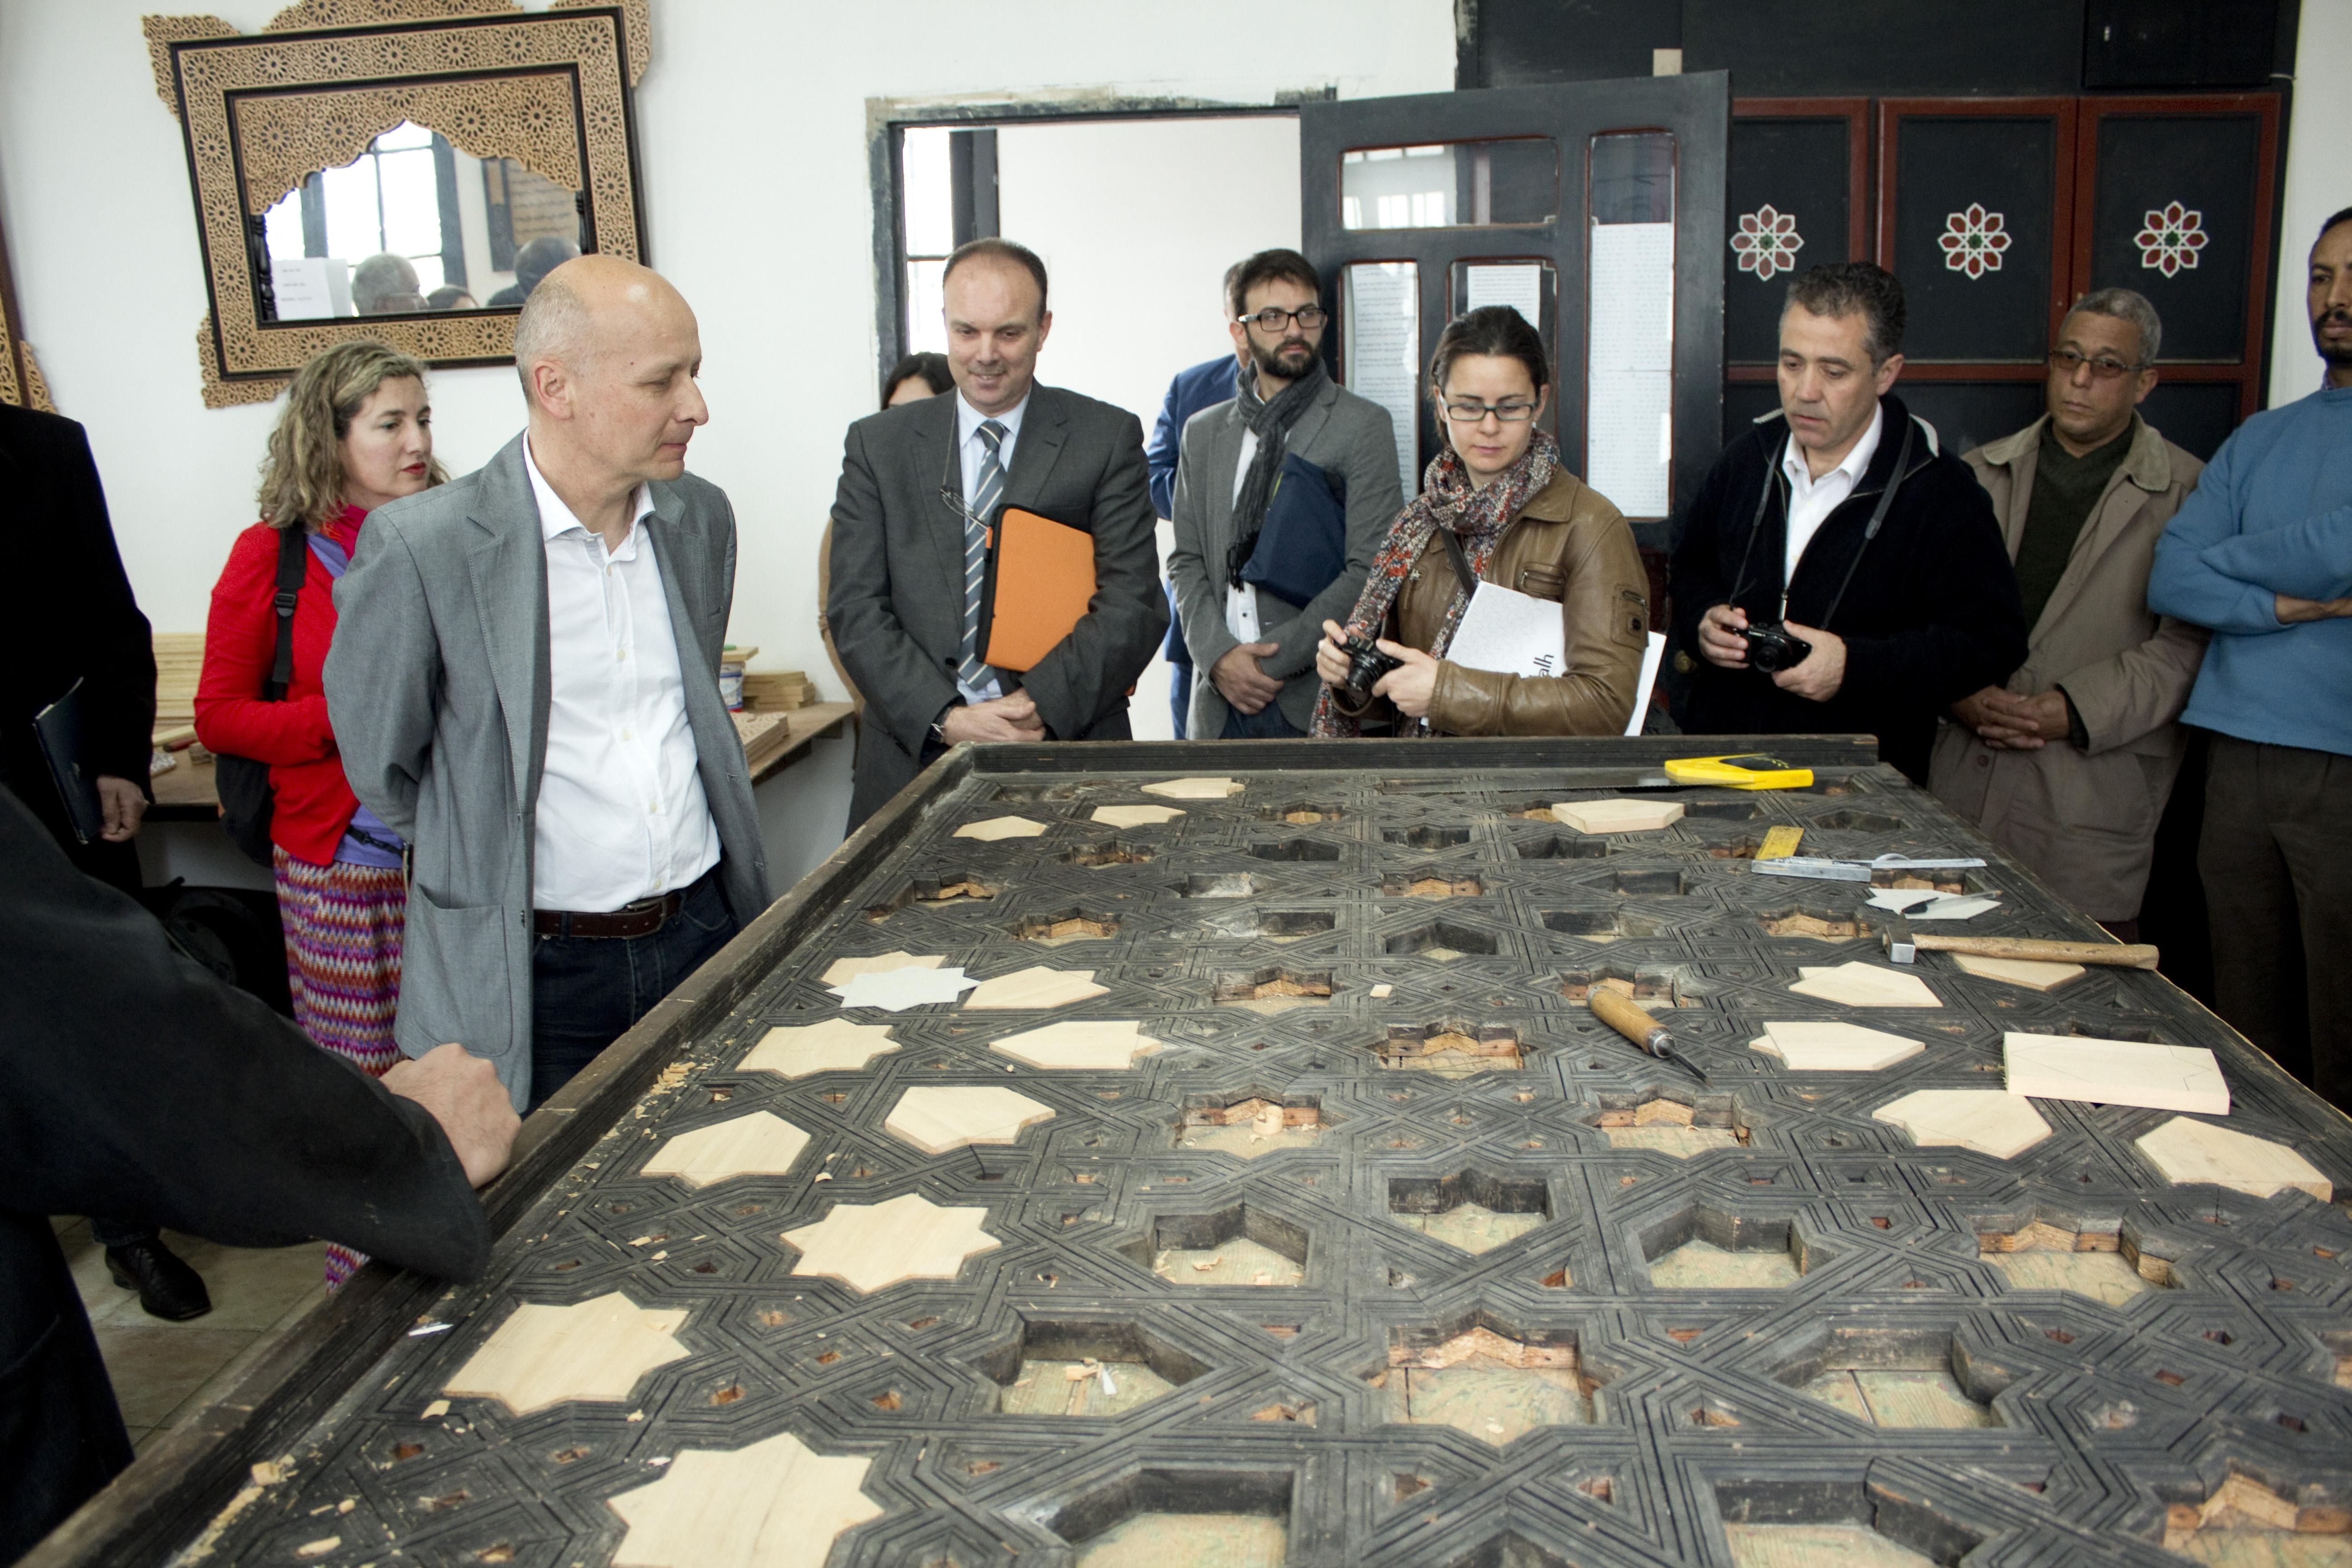 Restauradores de la Alhambra y artesanos granadinos 'viajan' a Marruecos para identificar técnicas arquitectónicas y decorativas